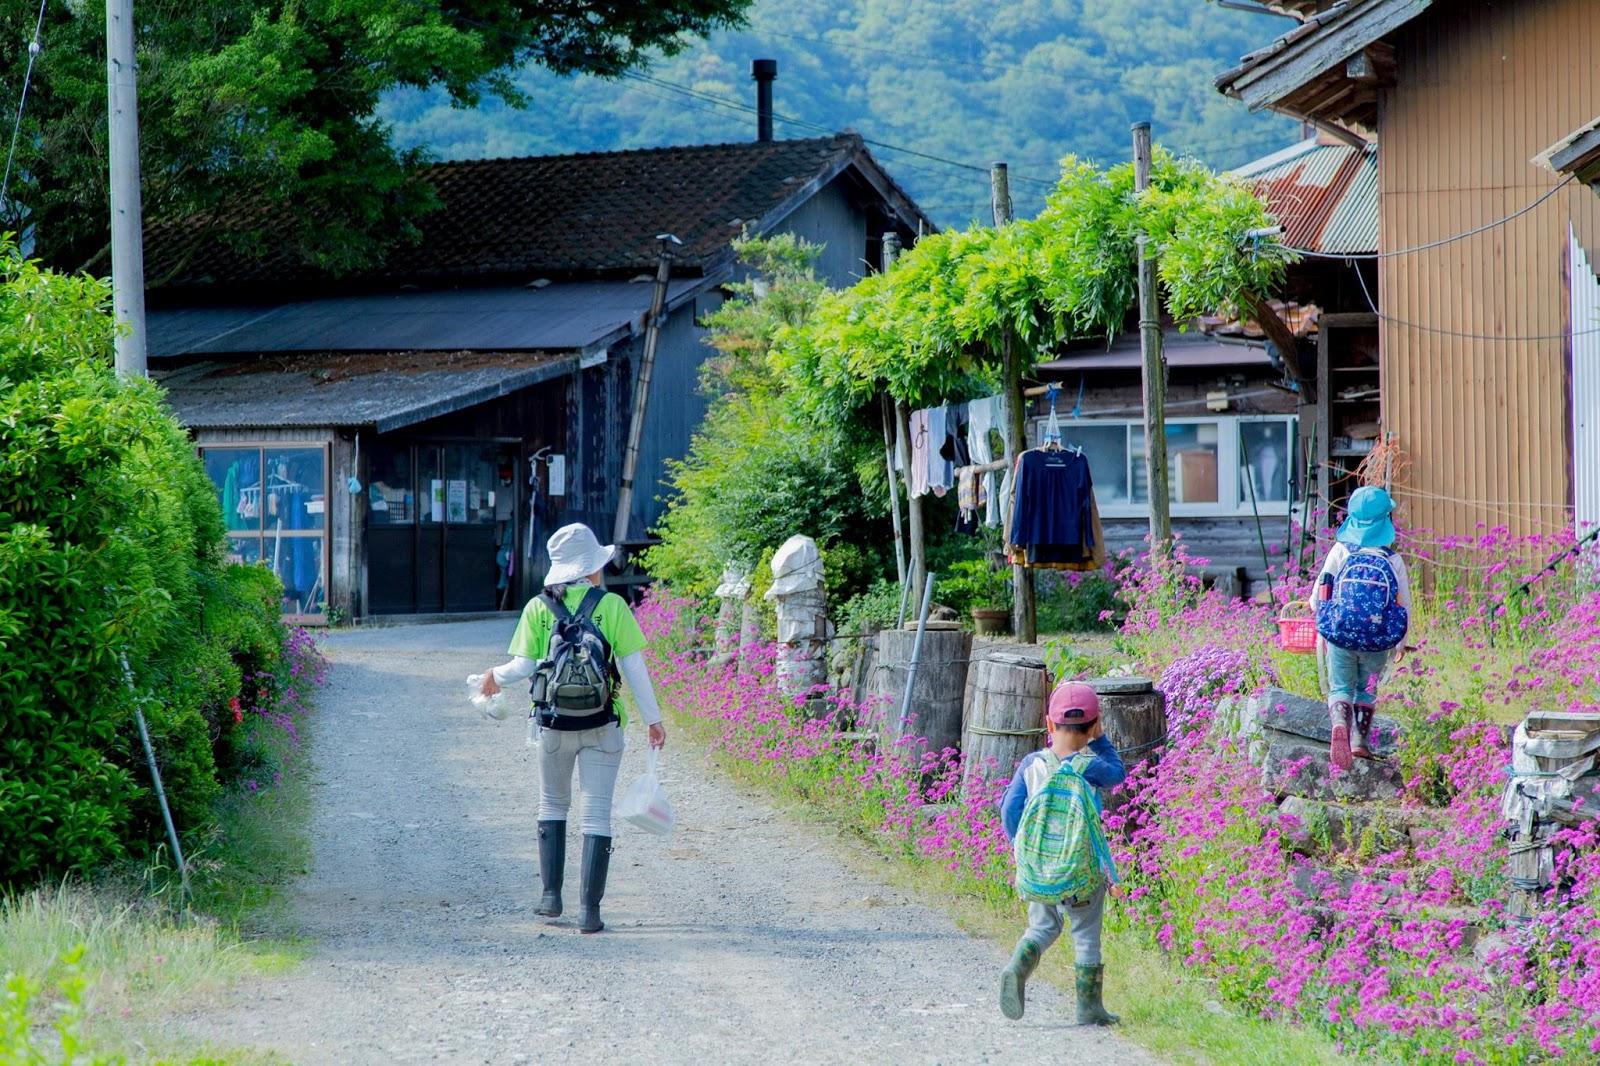 Tsuwano, where we spent the first three days. Photo credit: ChangemakerXchange